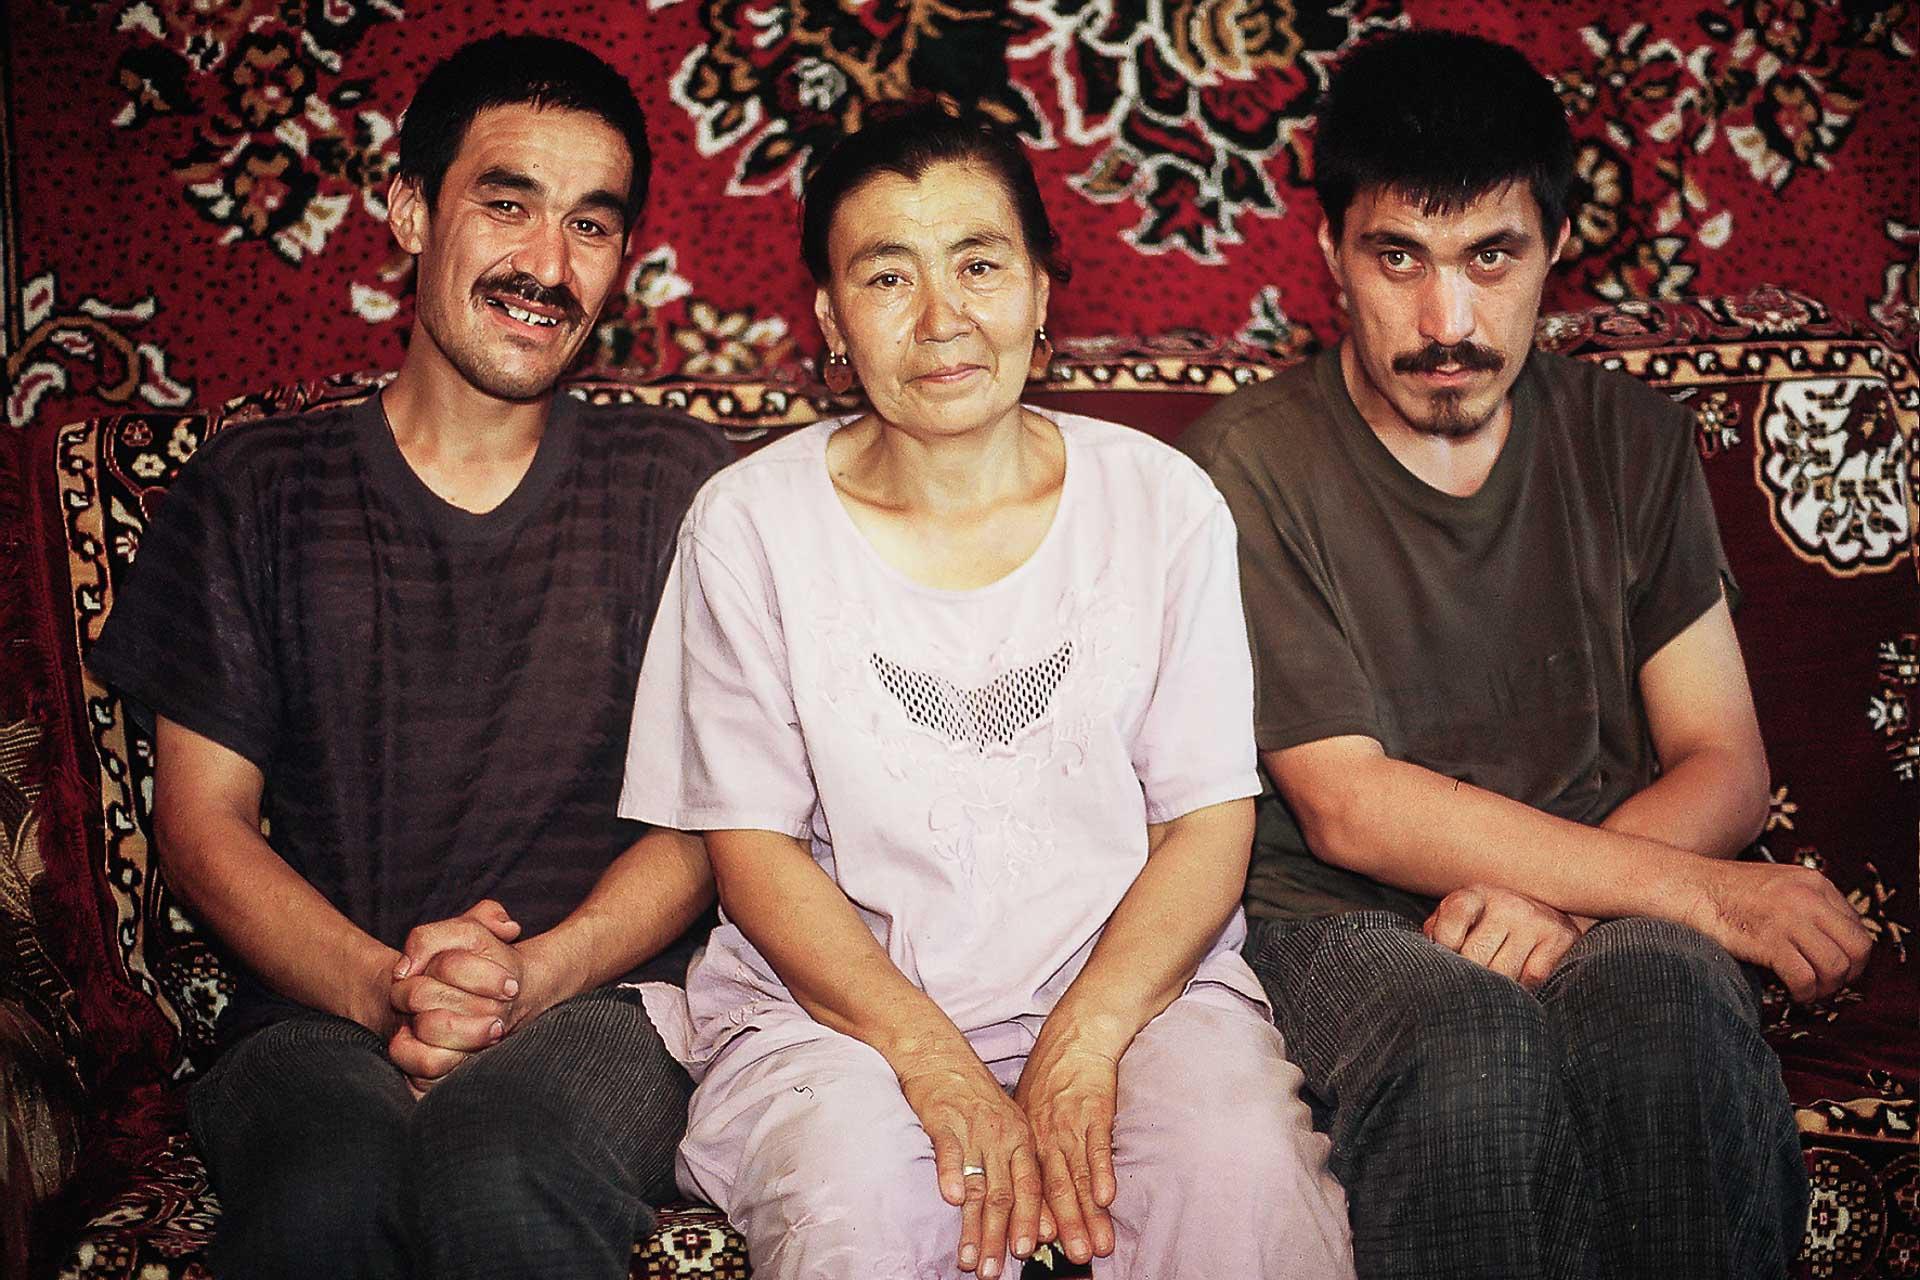 Mutter mit behinderten Söhnen